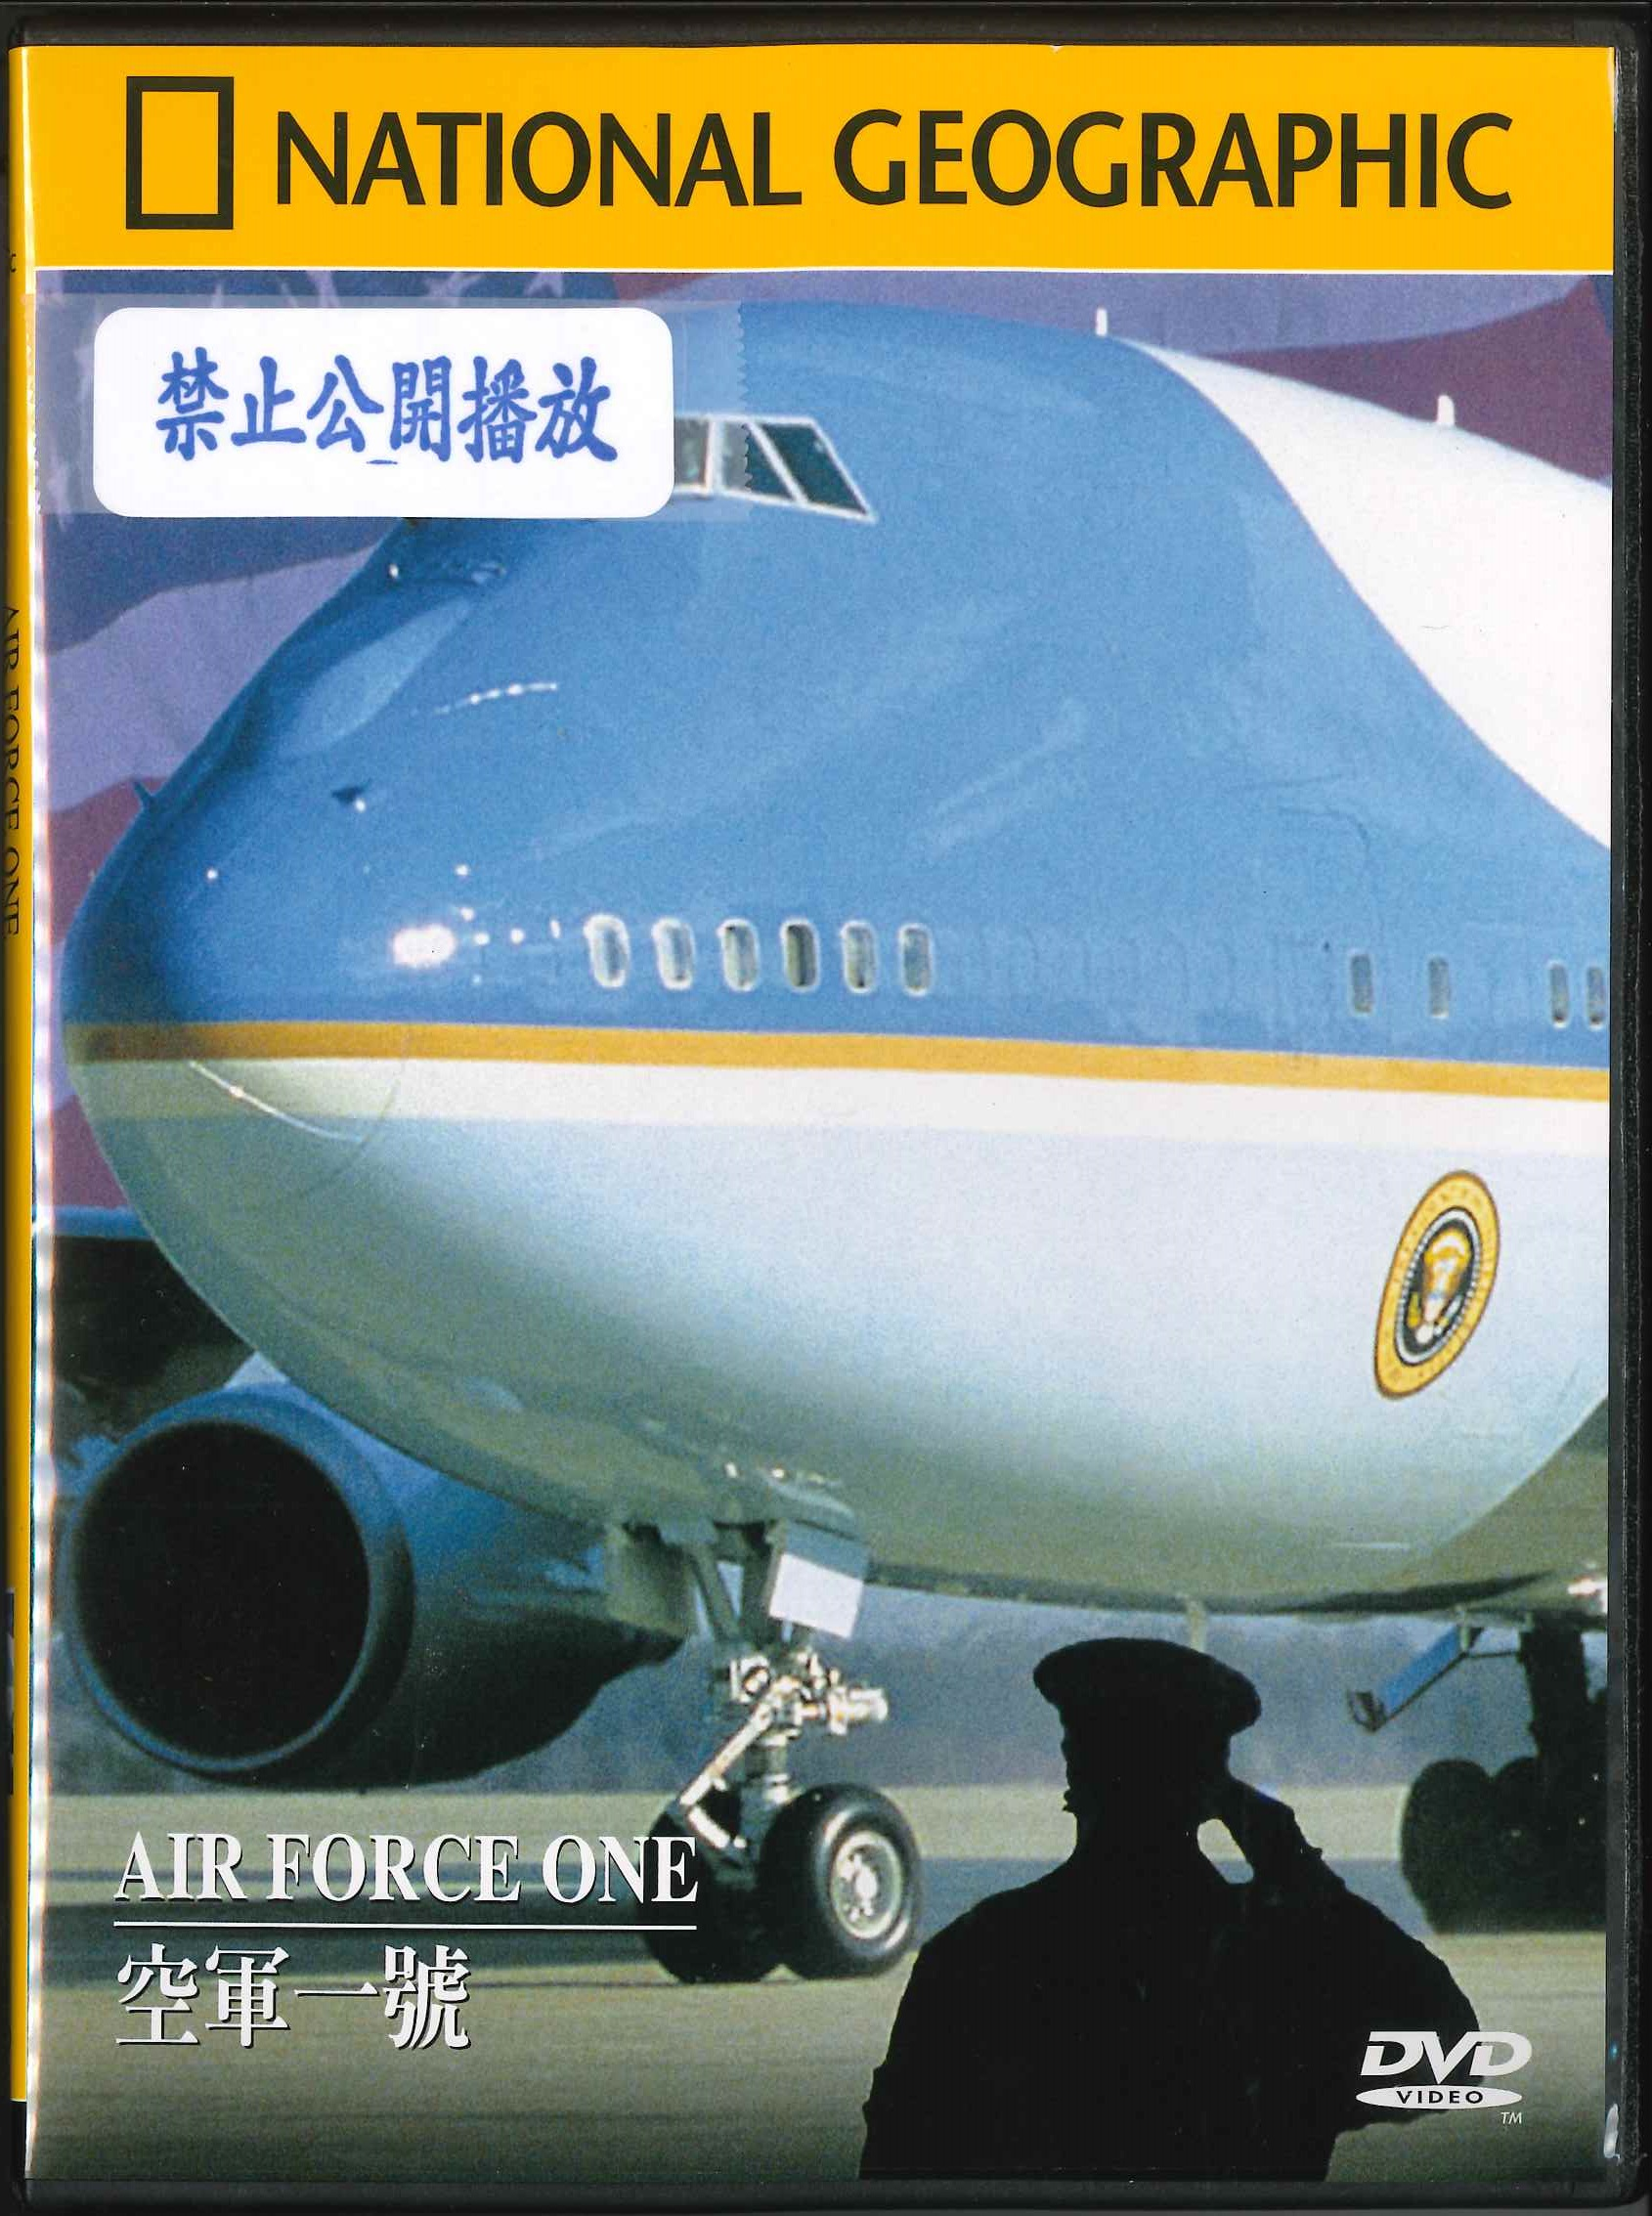 空軍一號 [錄影資料]=Air force one